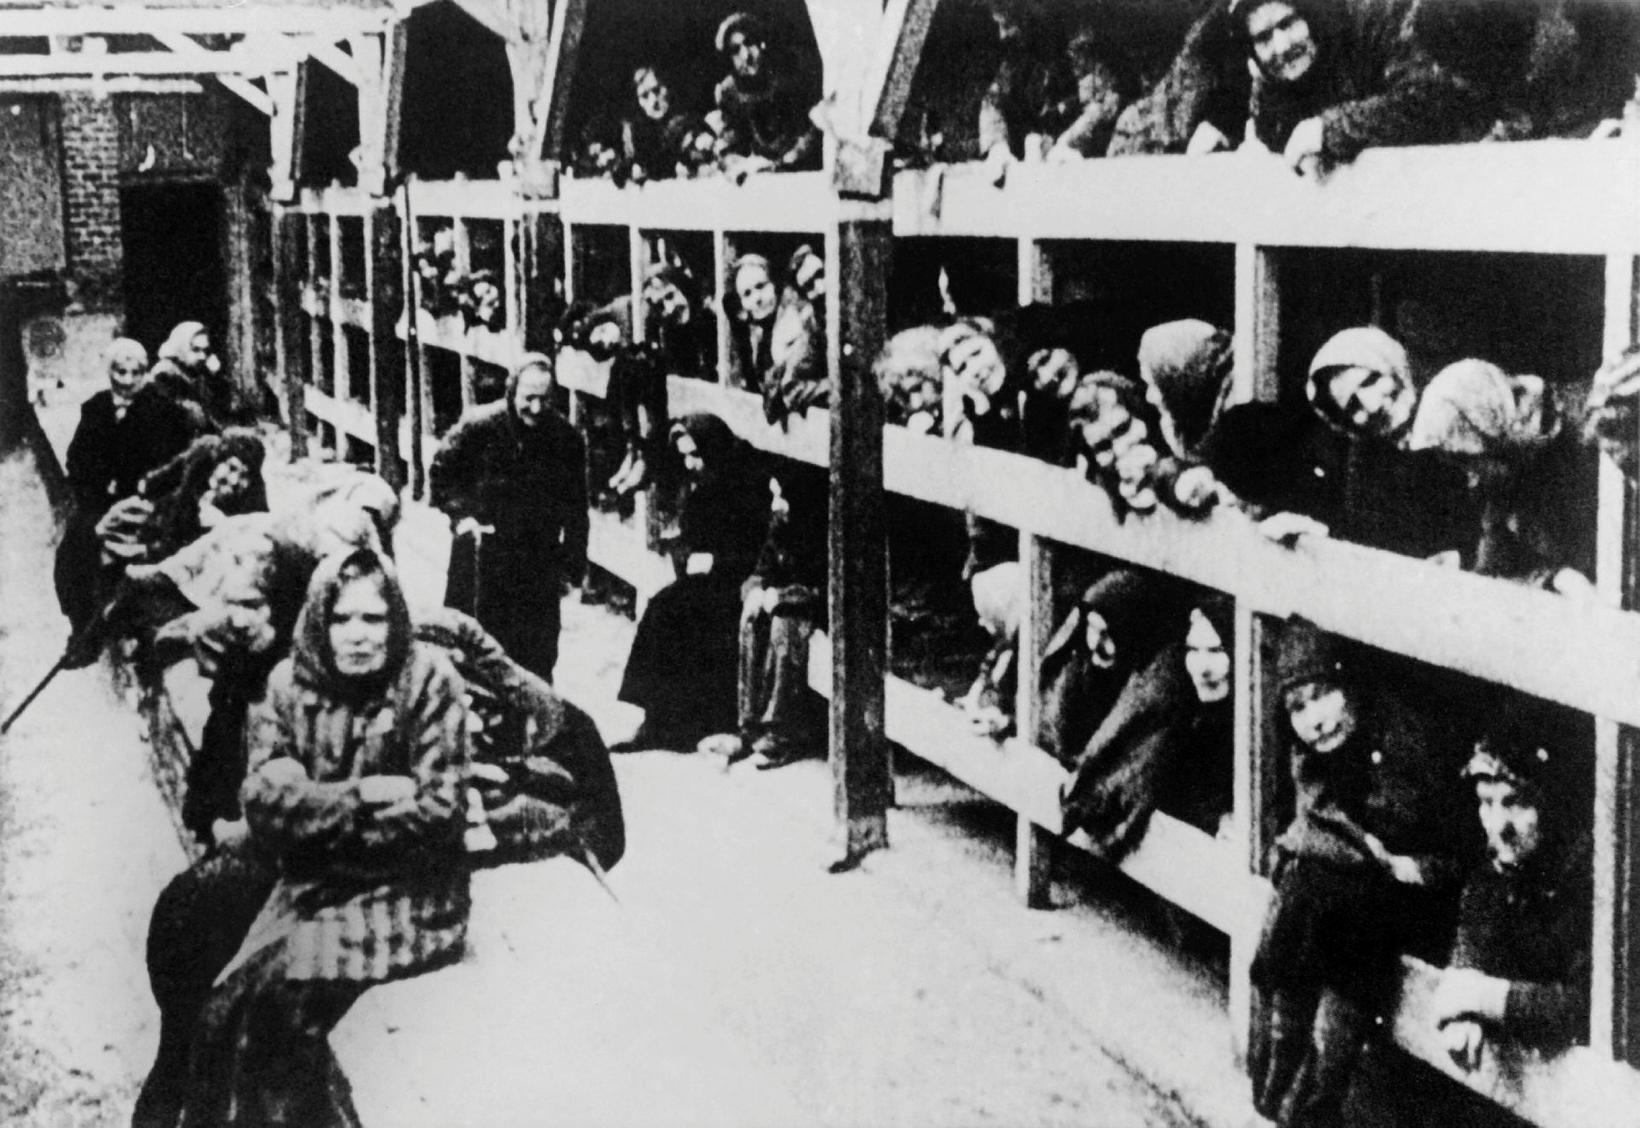 Konur í brökkum sínum eftir að útrýmingarbúðirnar í Auschwitz voru …